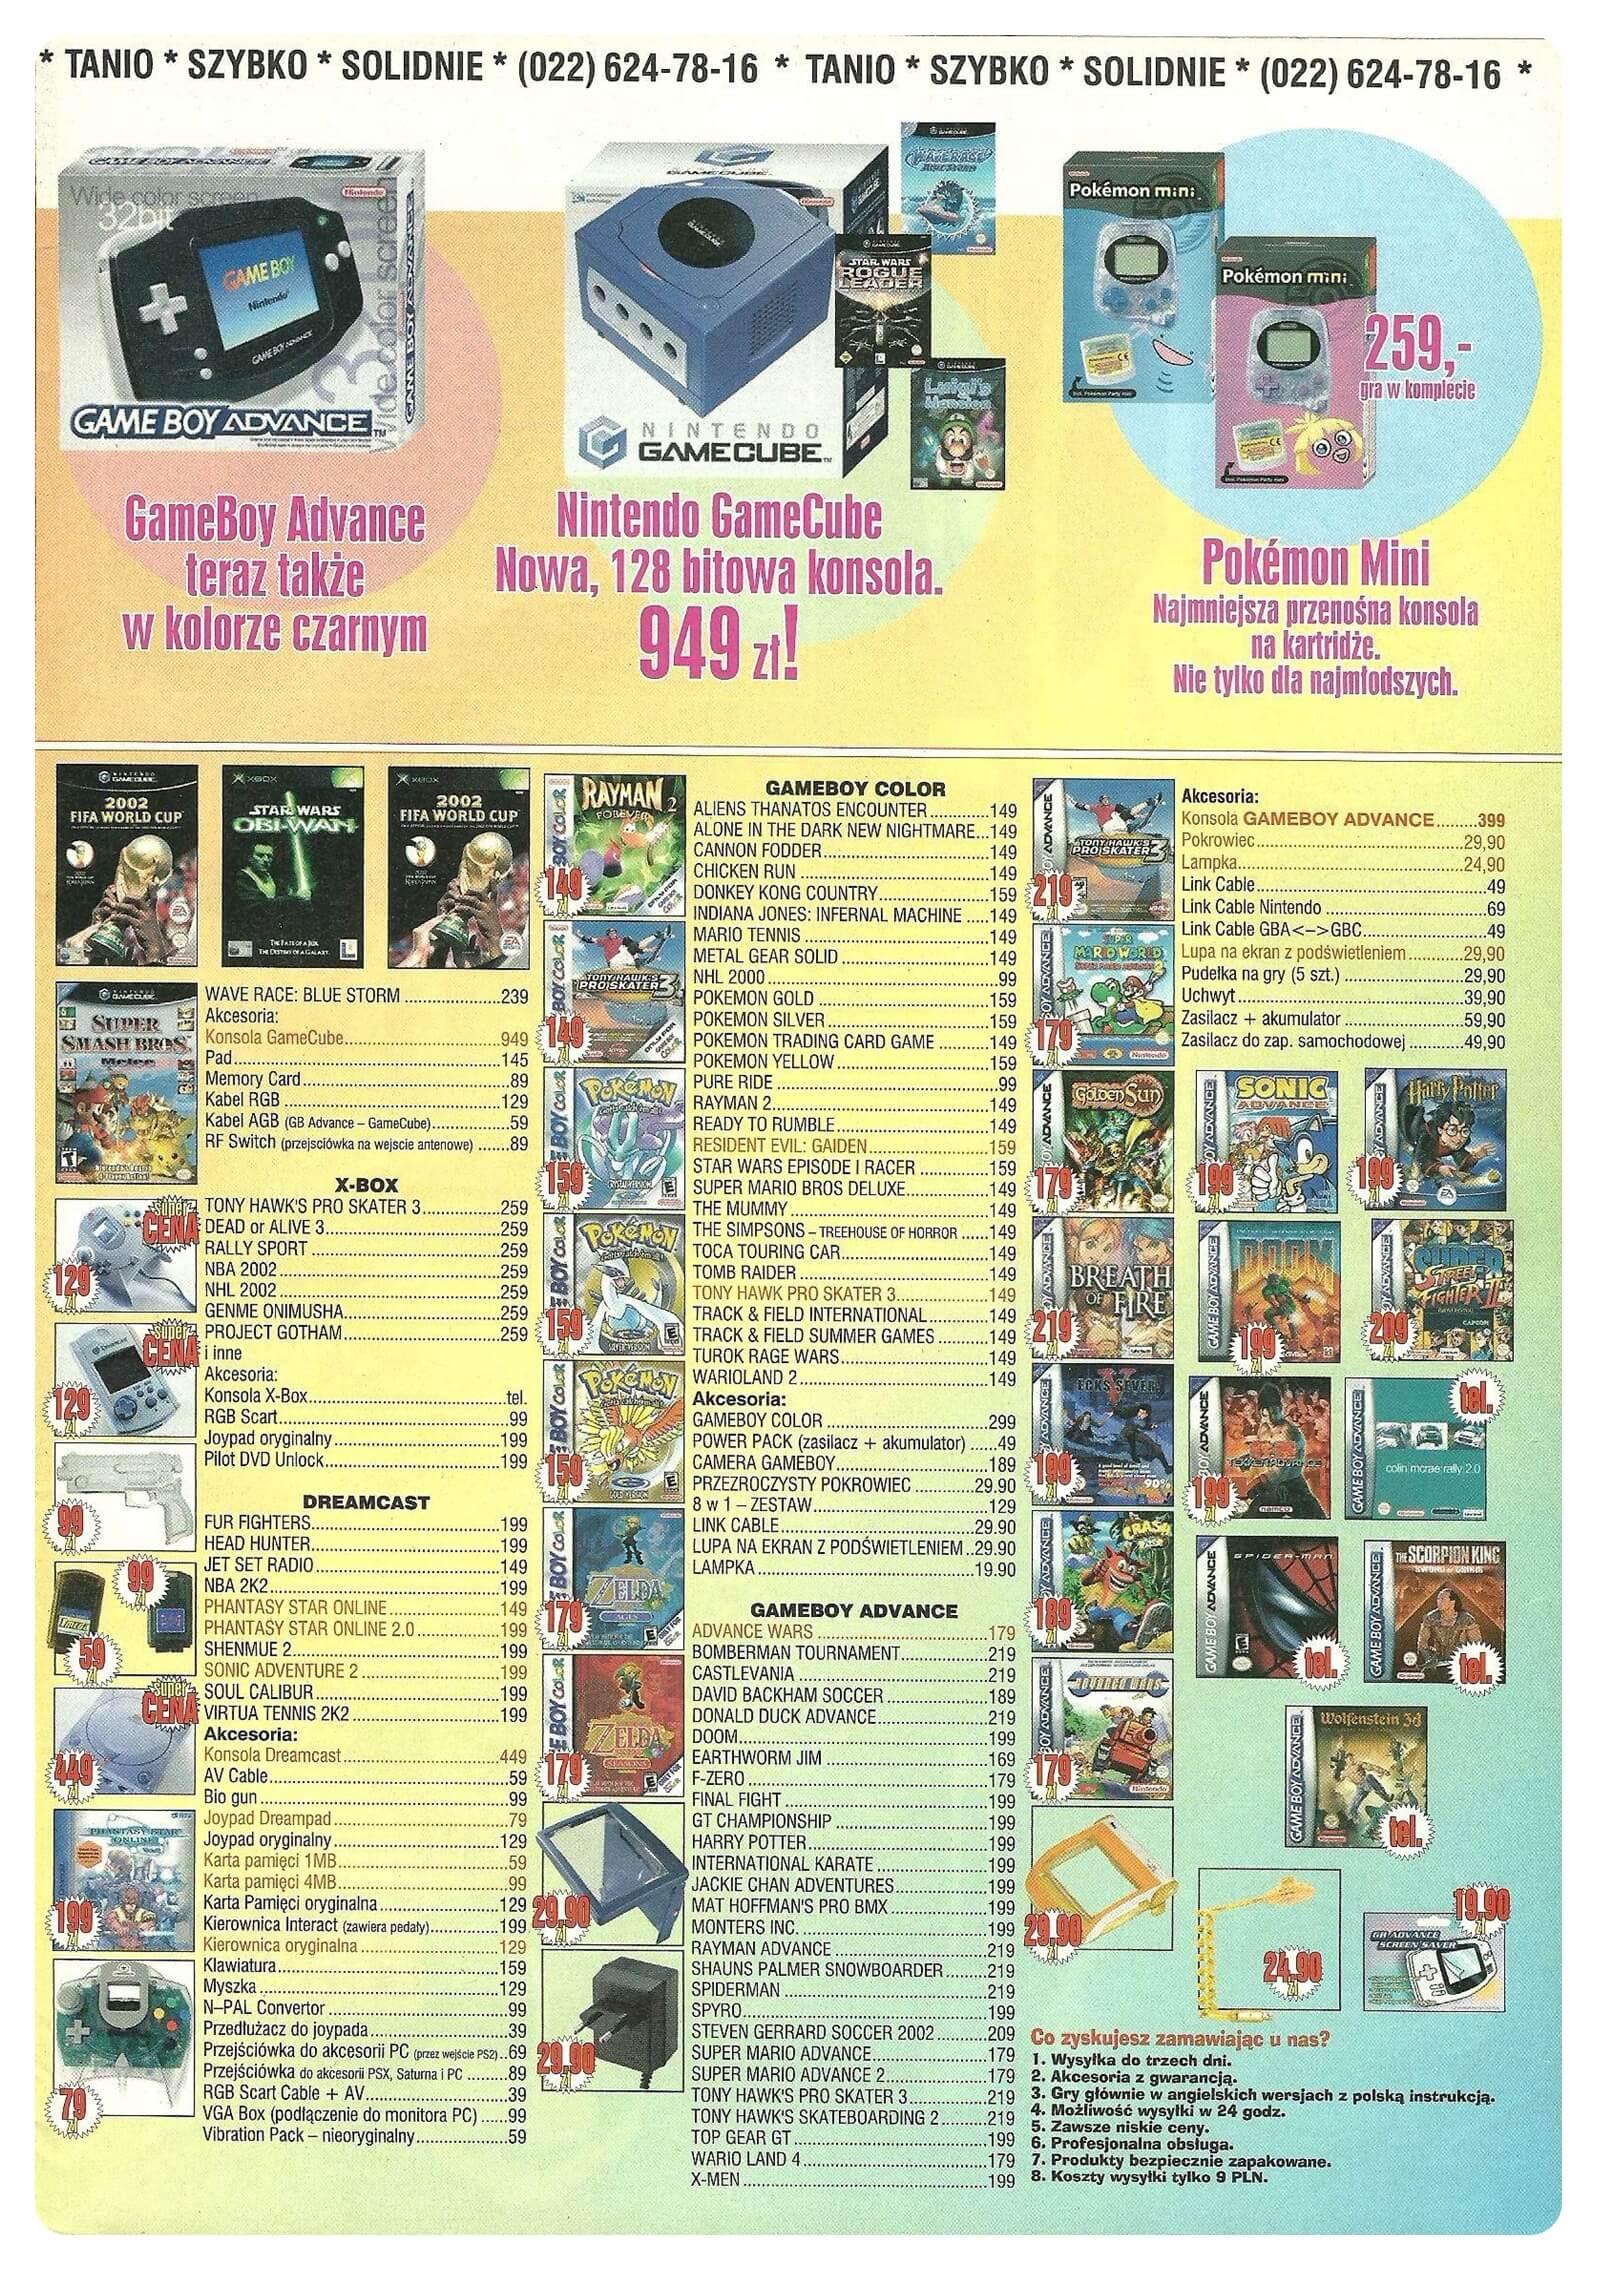 Neo Plus nr 043 20023q4 - Jak wyglądały ceny różnych konsol w Polsce w latach 1996-2006?